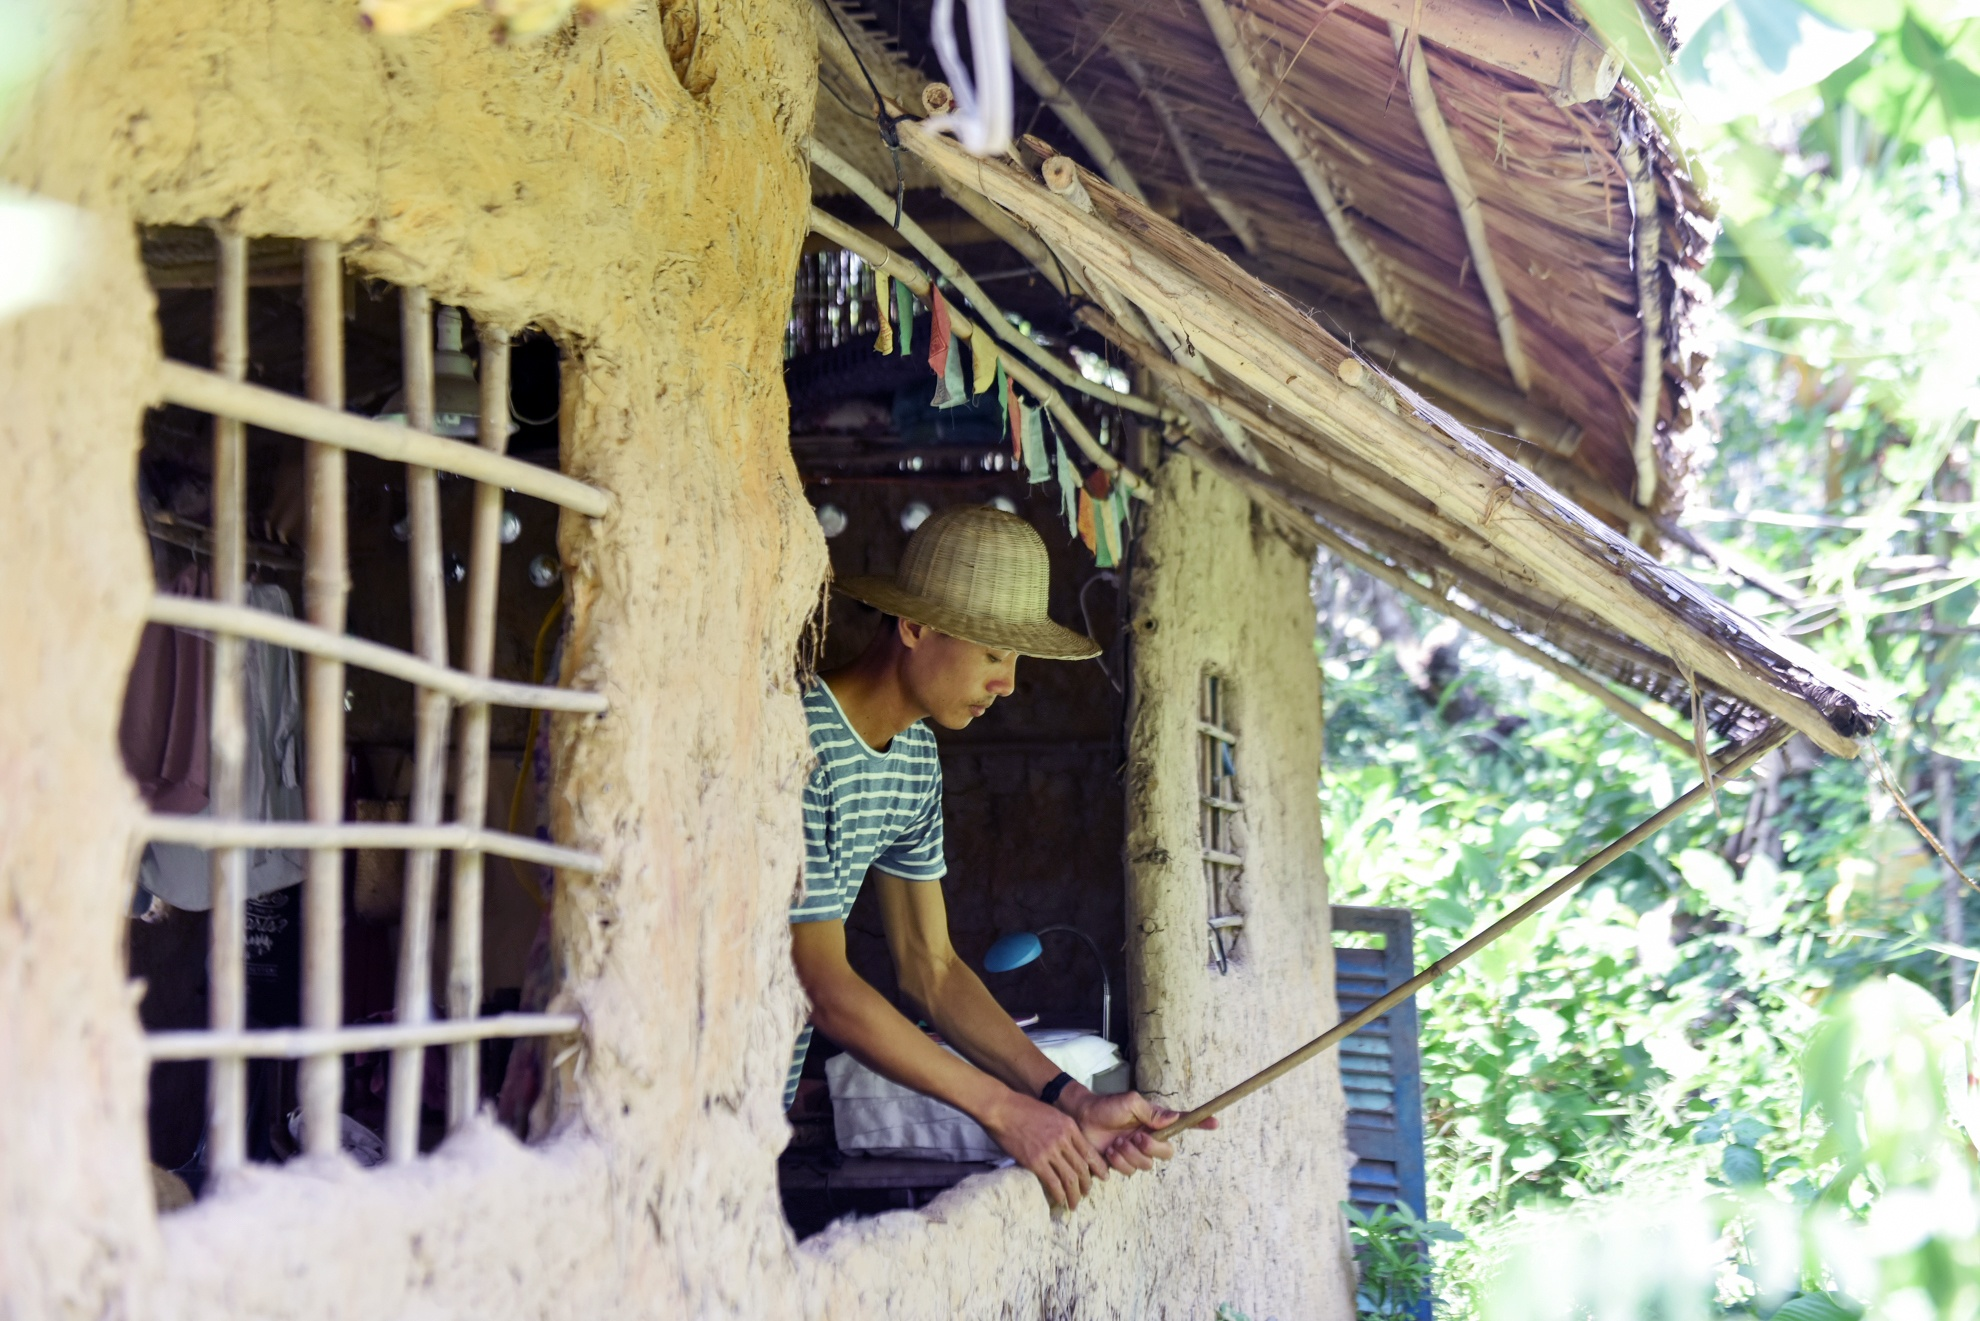 Chang nong dan 'khung' va giac mo ong hut tre hinh anh 8